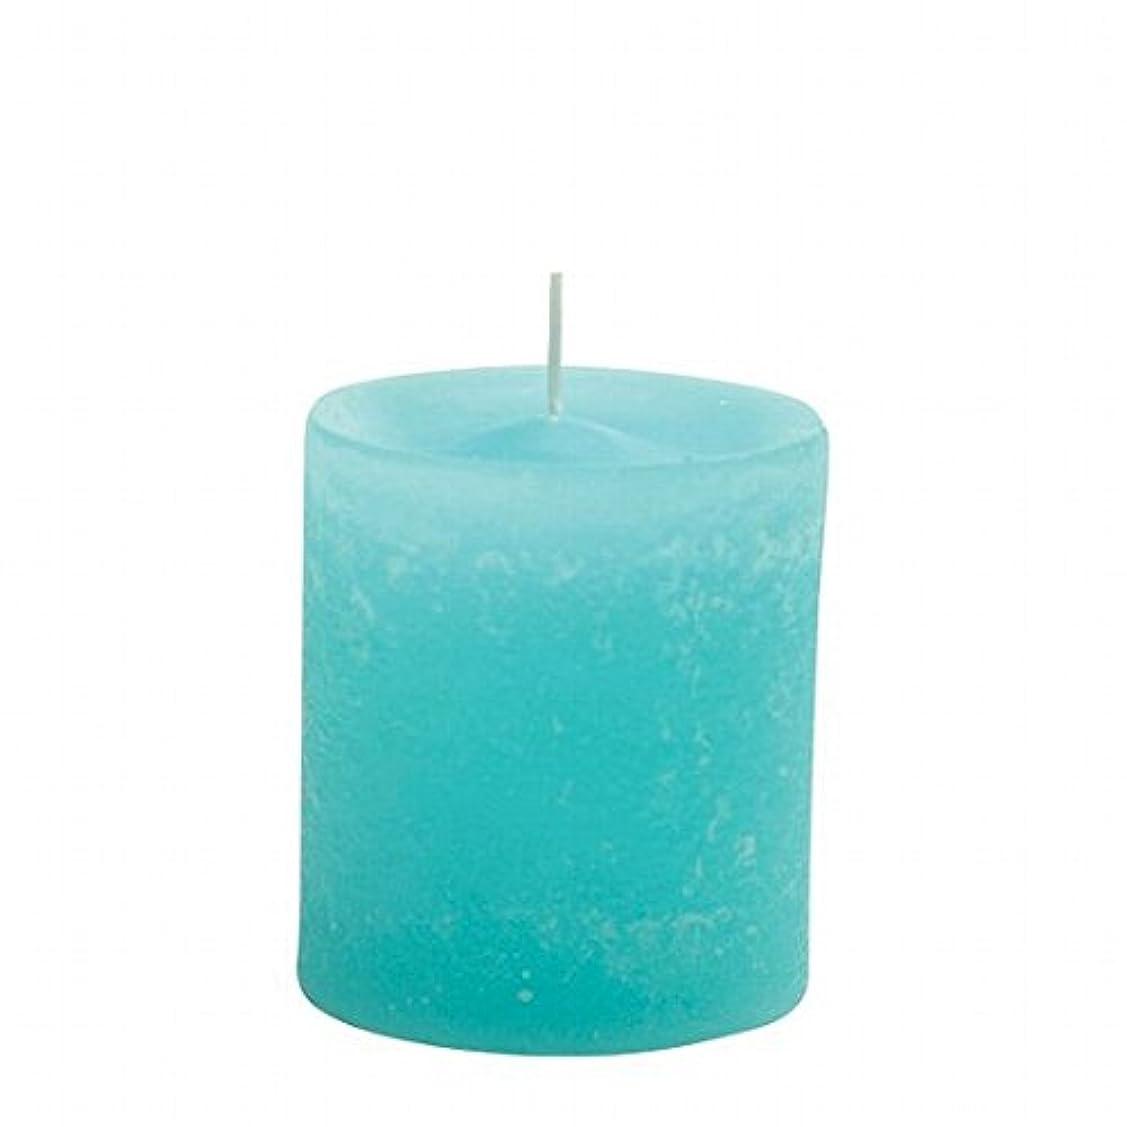 地域テンポ構成員カメヤマキャンドル(kameyama candle) ラスティクピラー70×75 「 ライトブルー 」